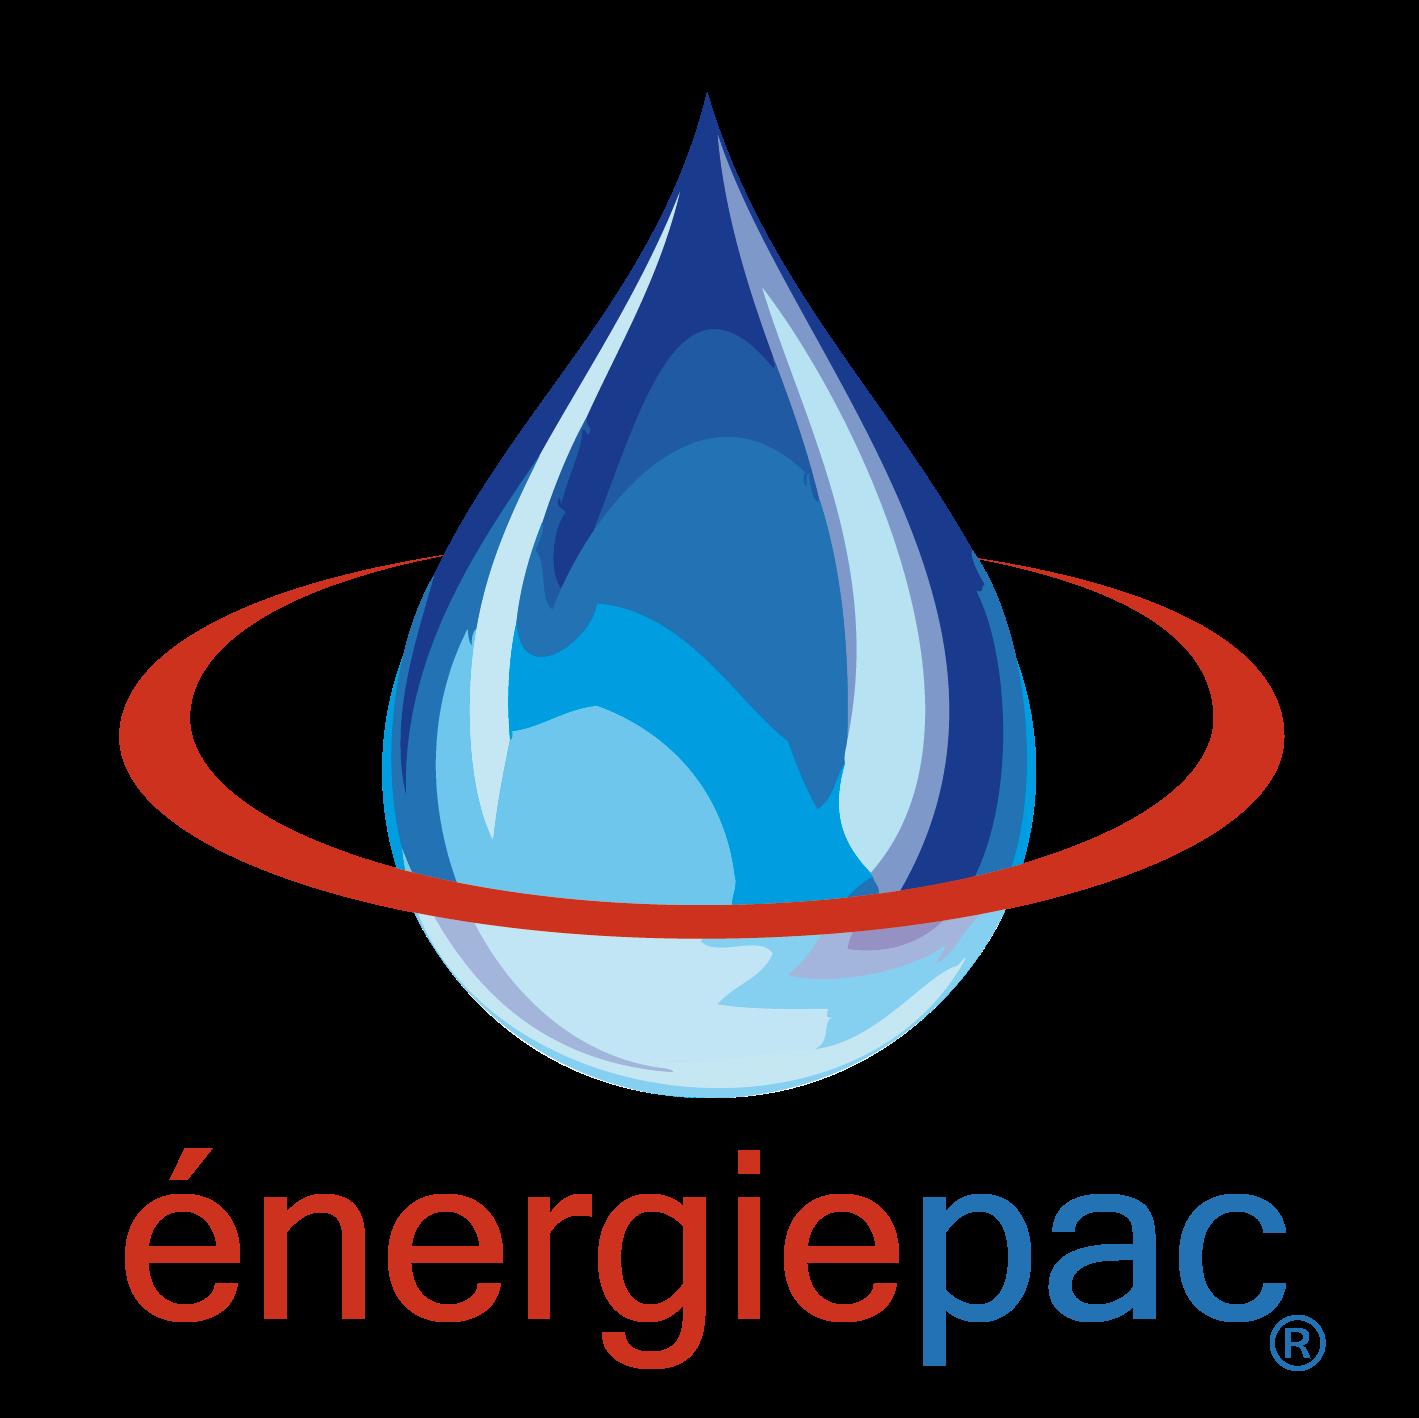 logo_energiepac